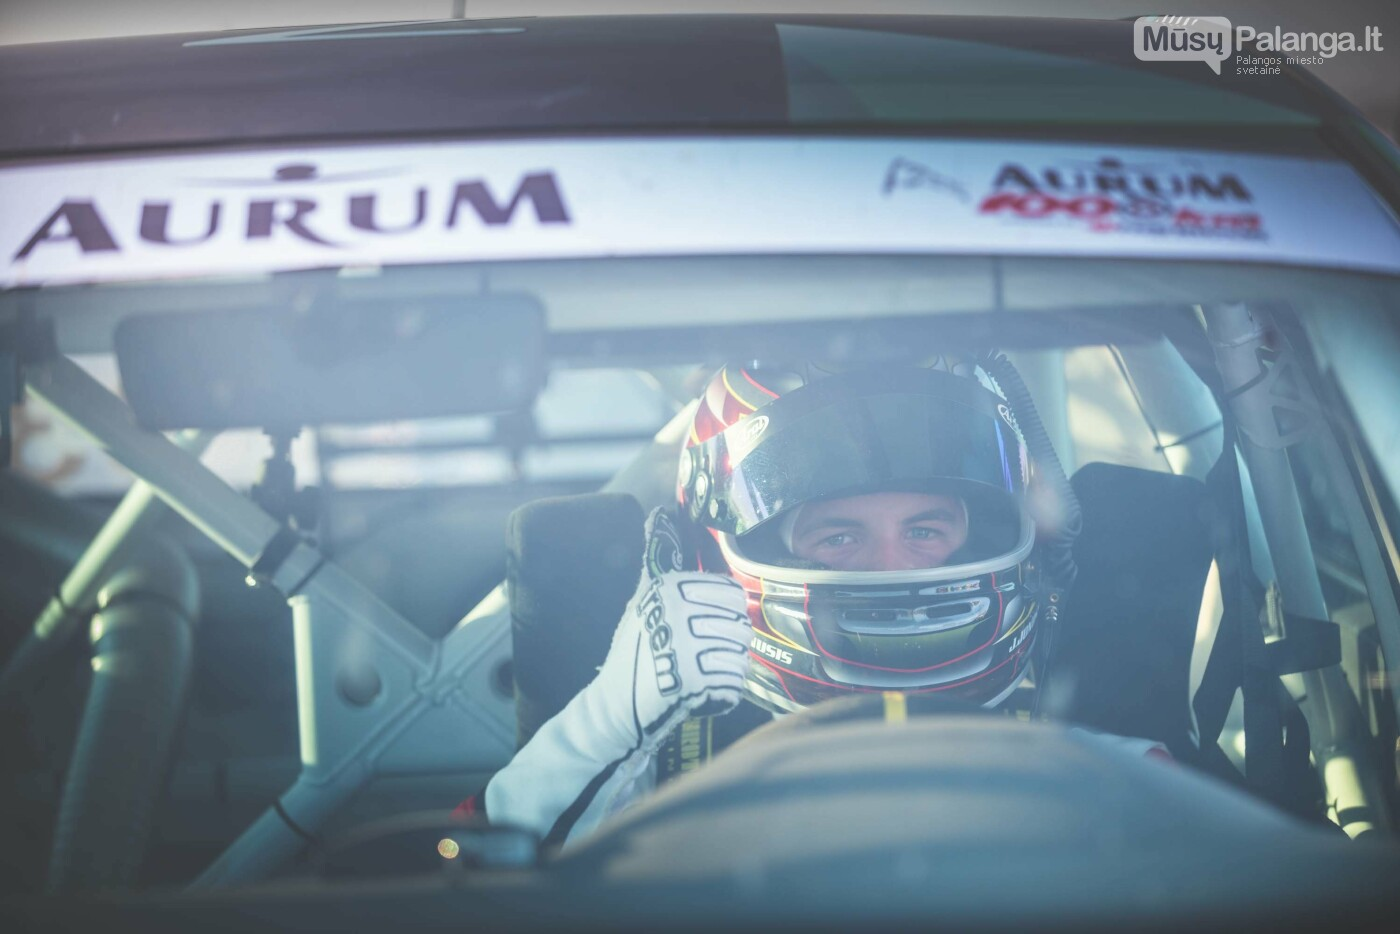 """""""Aurum 1006 km"""" lenktynėse Palangoje – praėjusių metų nugalėtojų triumfas , nuotrauka-9, Vytauto PILKAUSKO ir Arno STRUMILOS nuotr."""